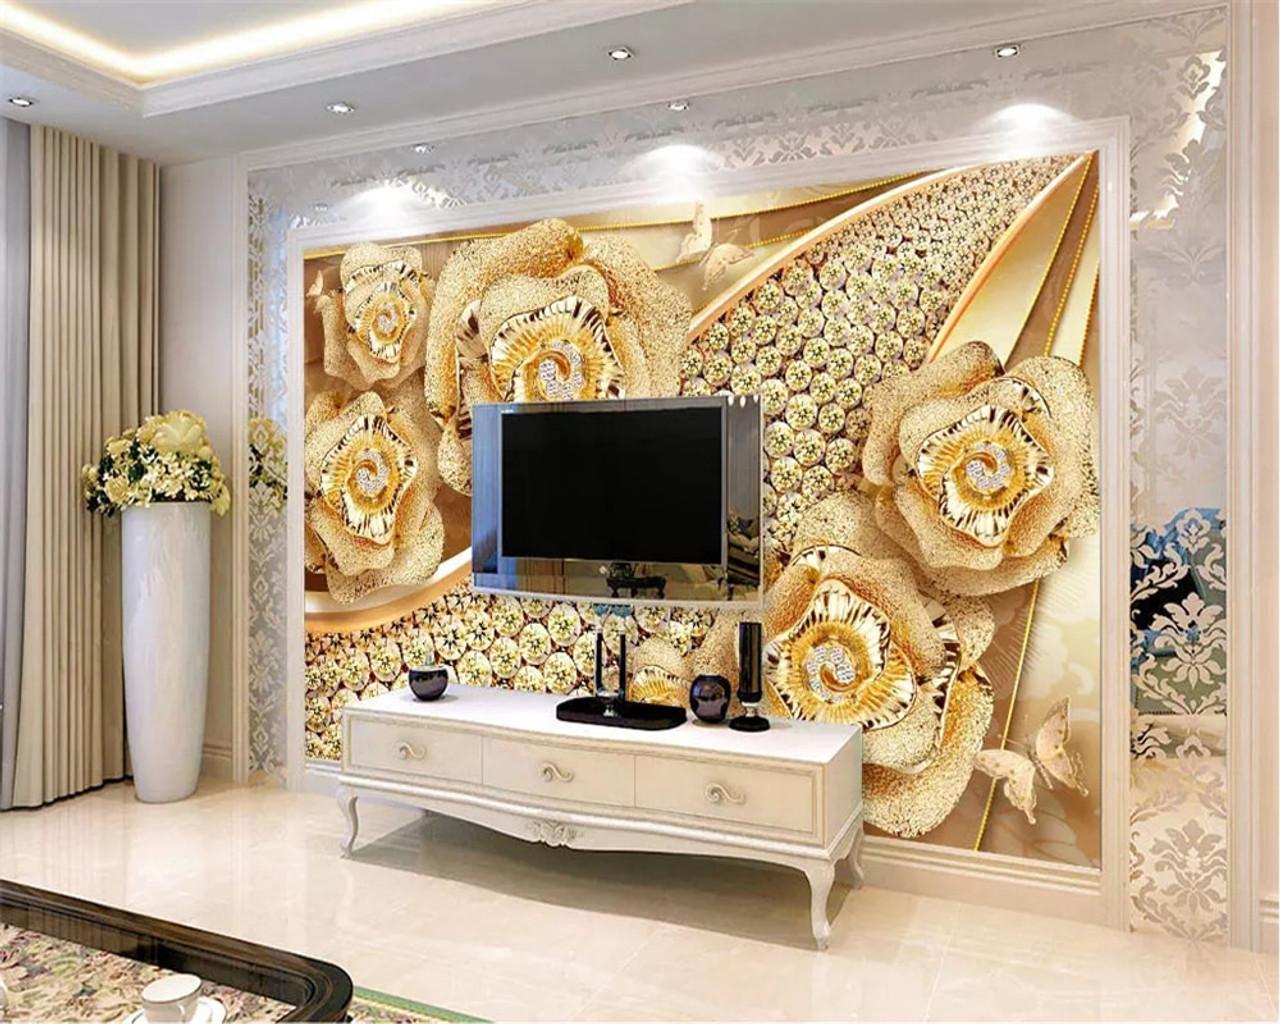 WoowPaper 3d Wallpaper For Bedroom Walls